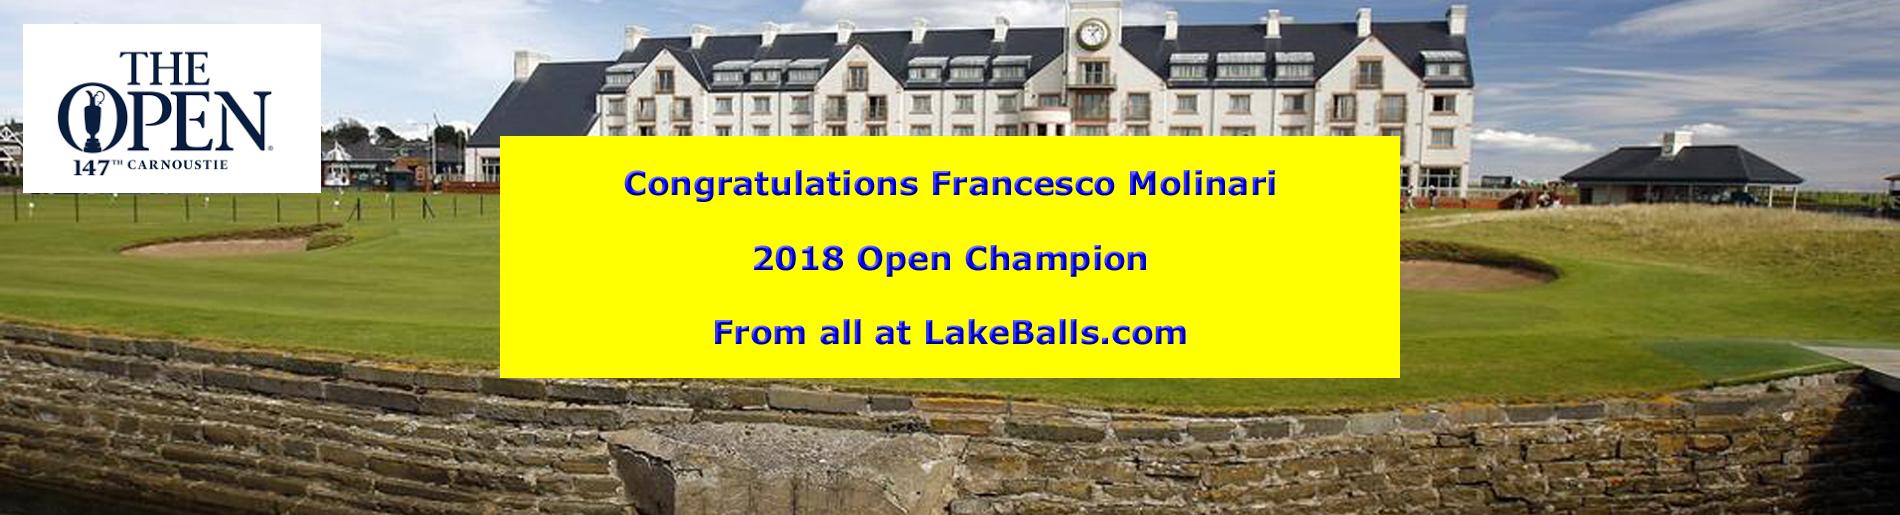 Congrats Francesco Molinari